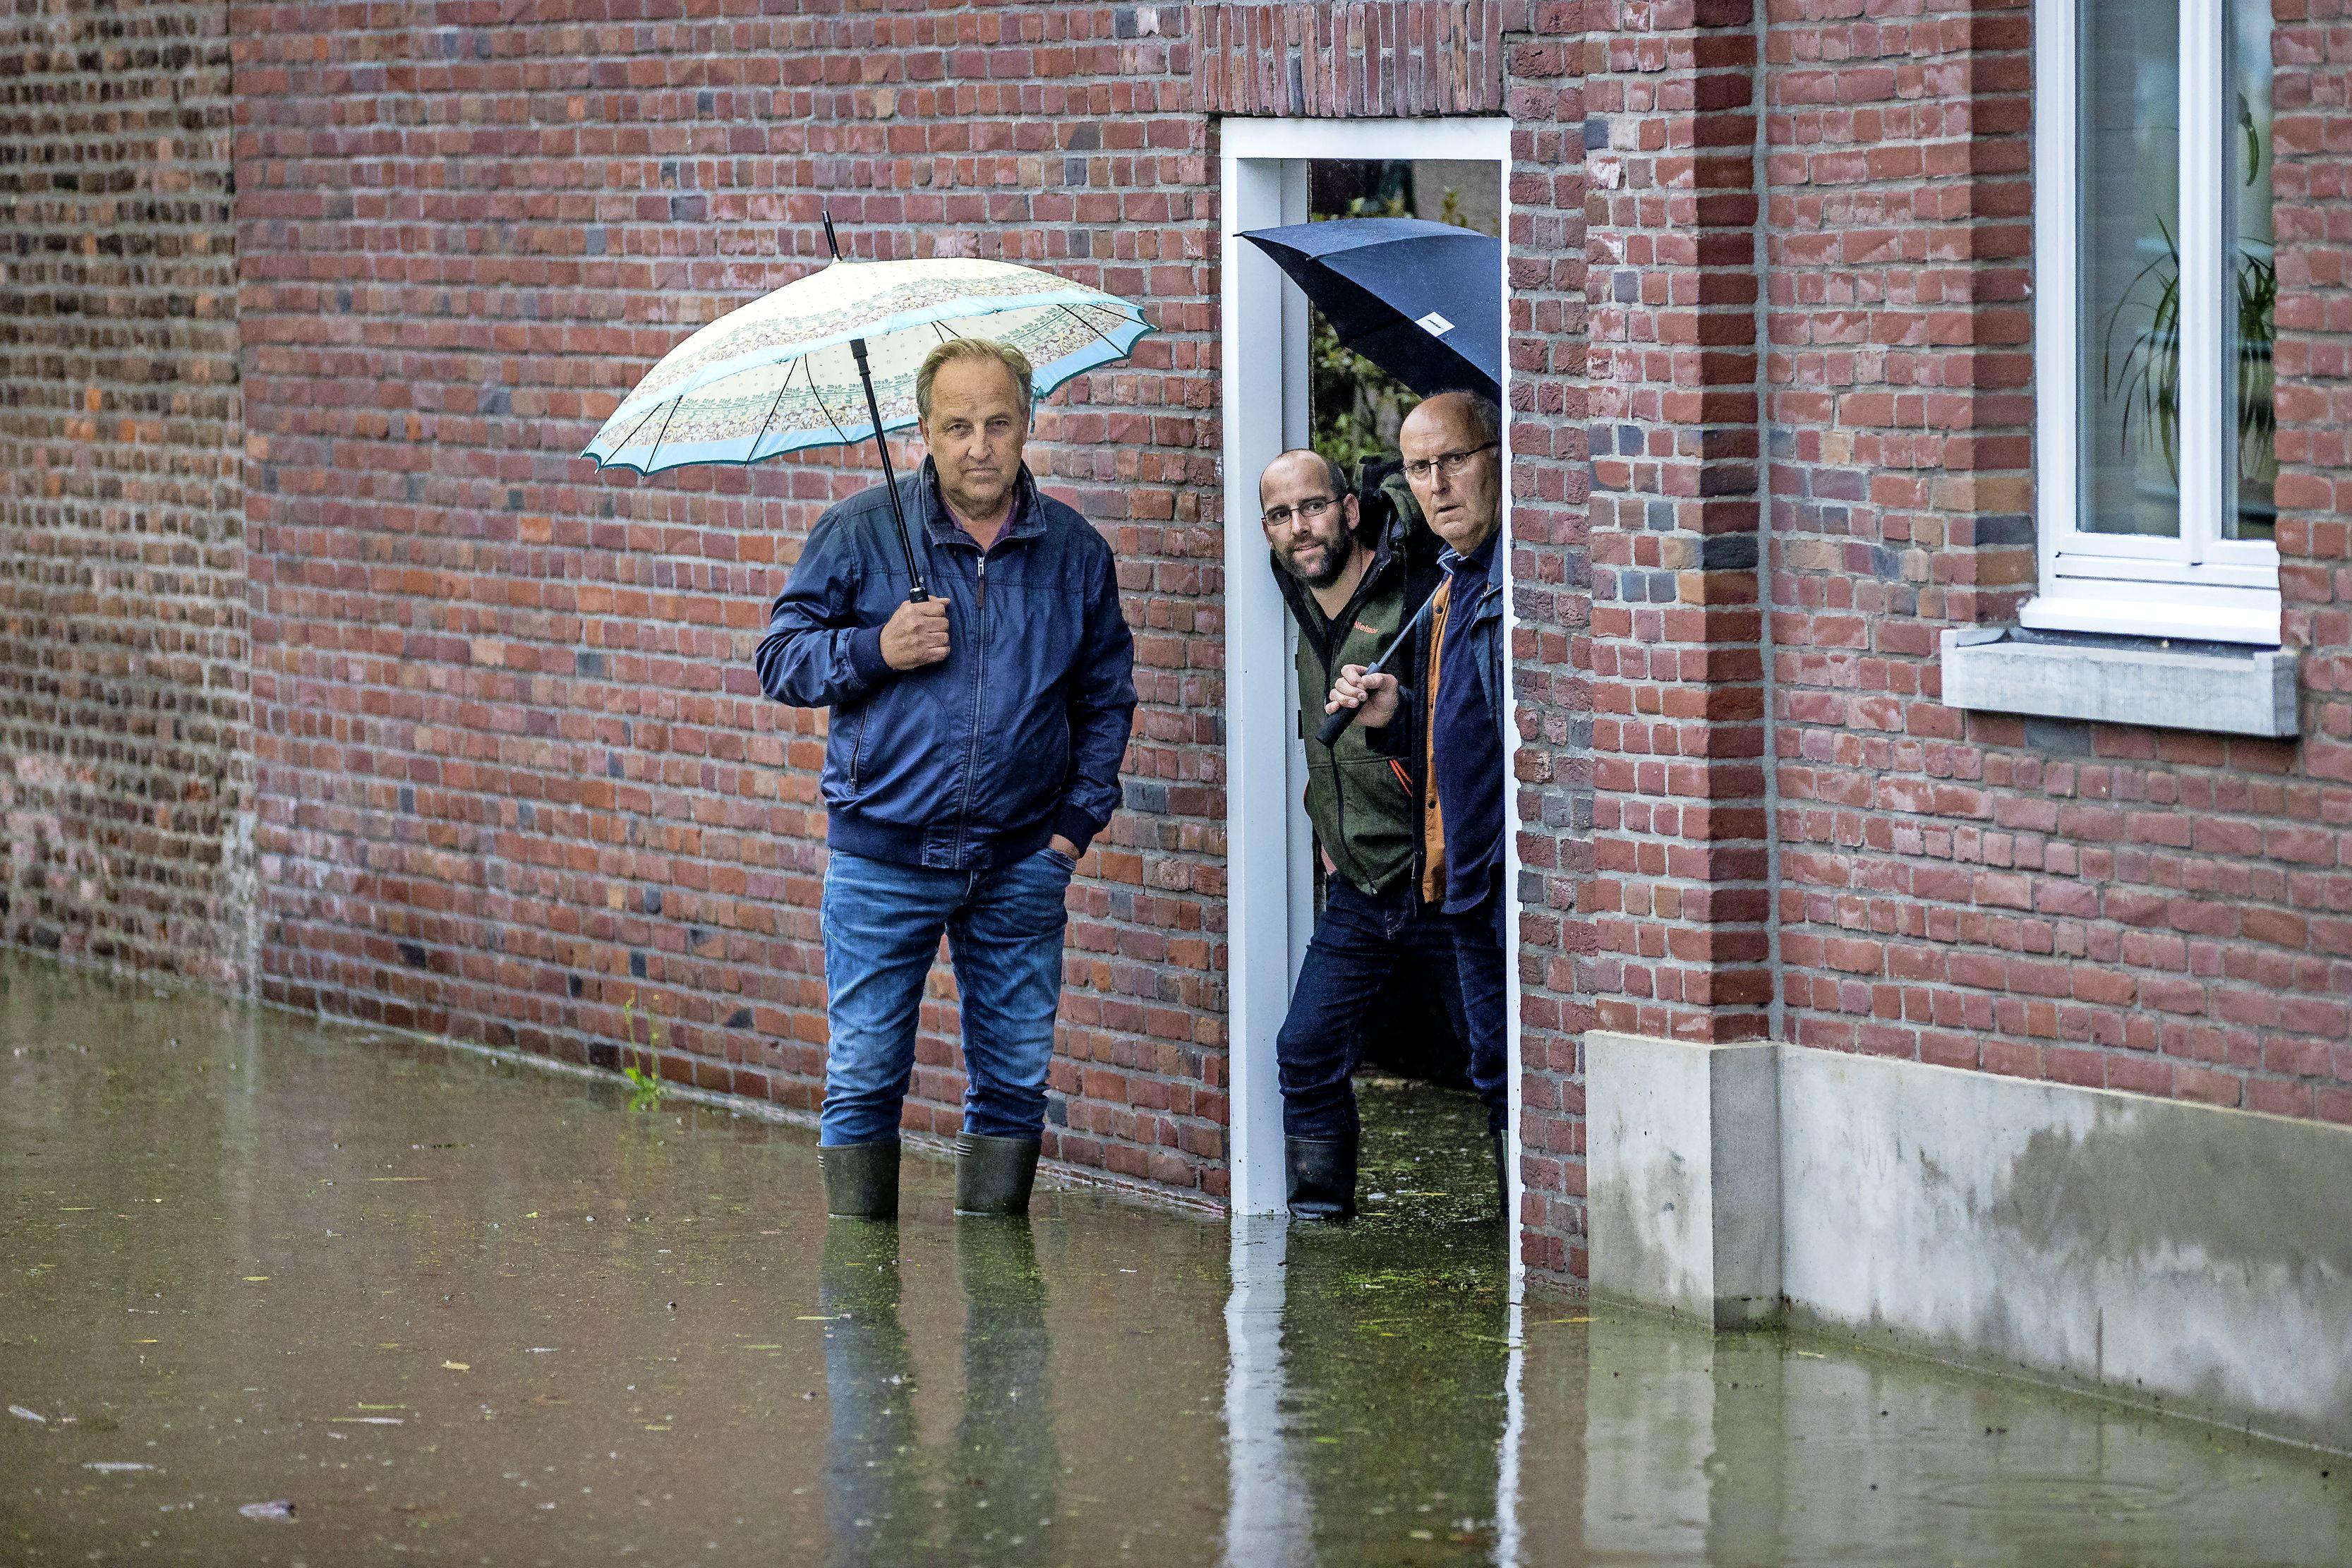 'Ze lopen rondes en surveilleren om te kijken of de waterkeringen in het rampgebied het houden.' Team van Noord-Hollandse dijkinspecteurs verleent bijstand in Limburg